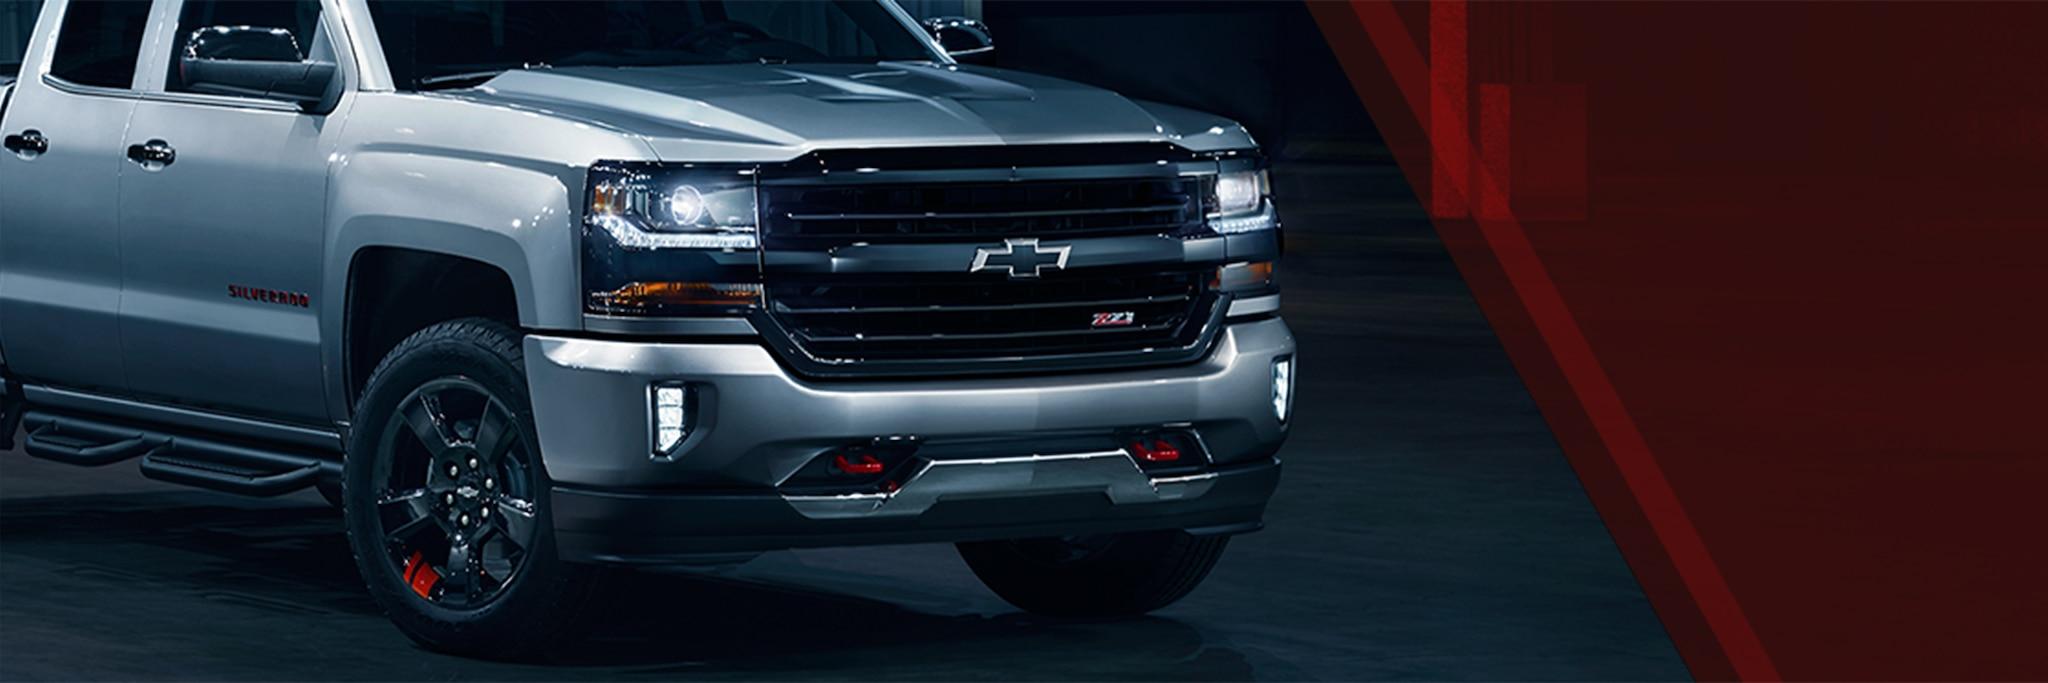 Detalles de la Serie Redline de Chevrolet: parrilla color negro